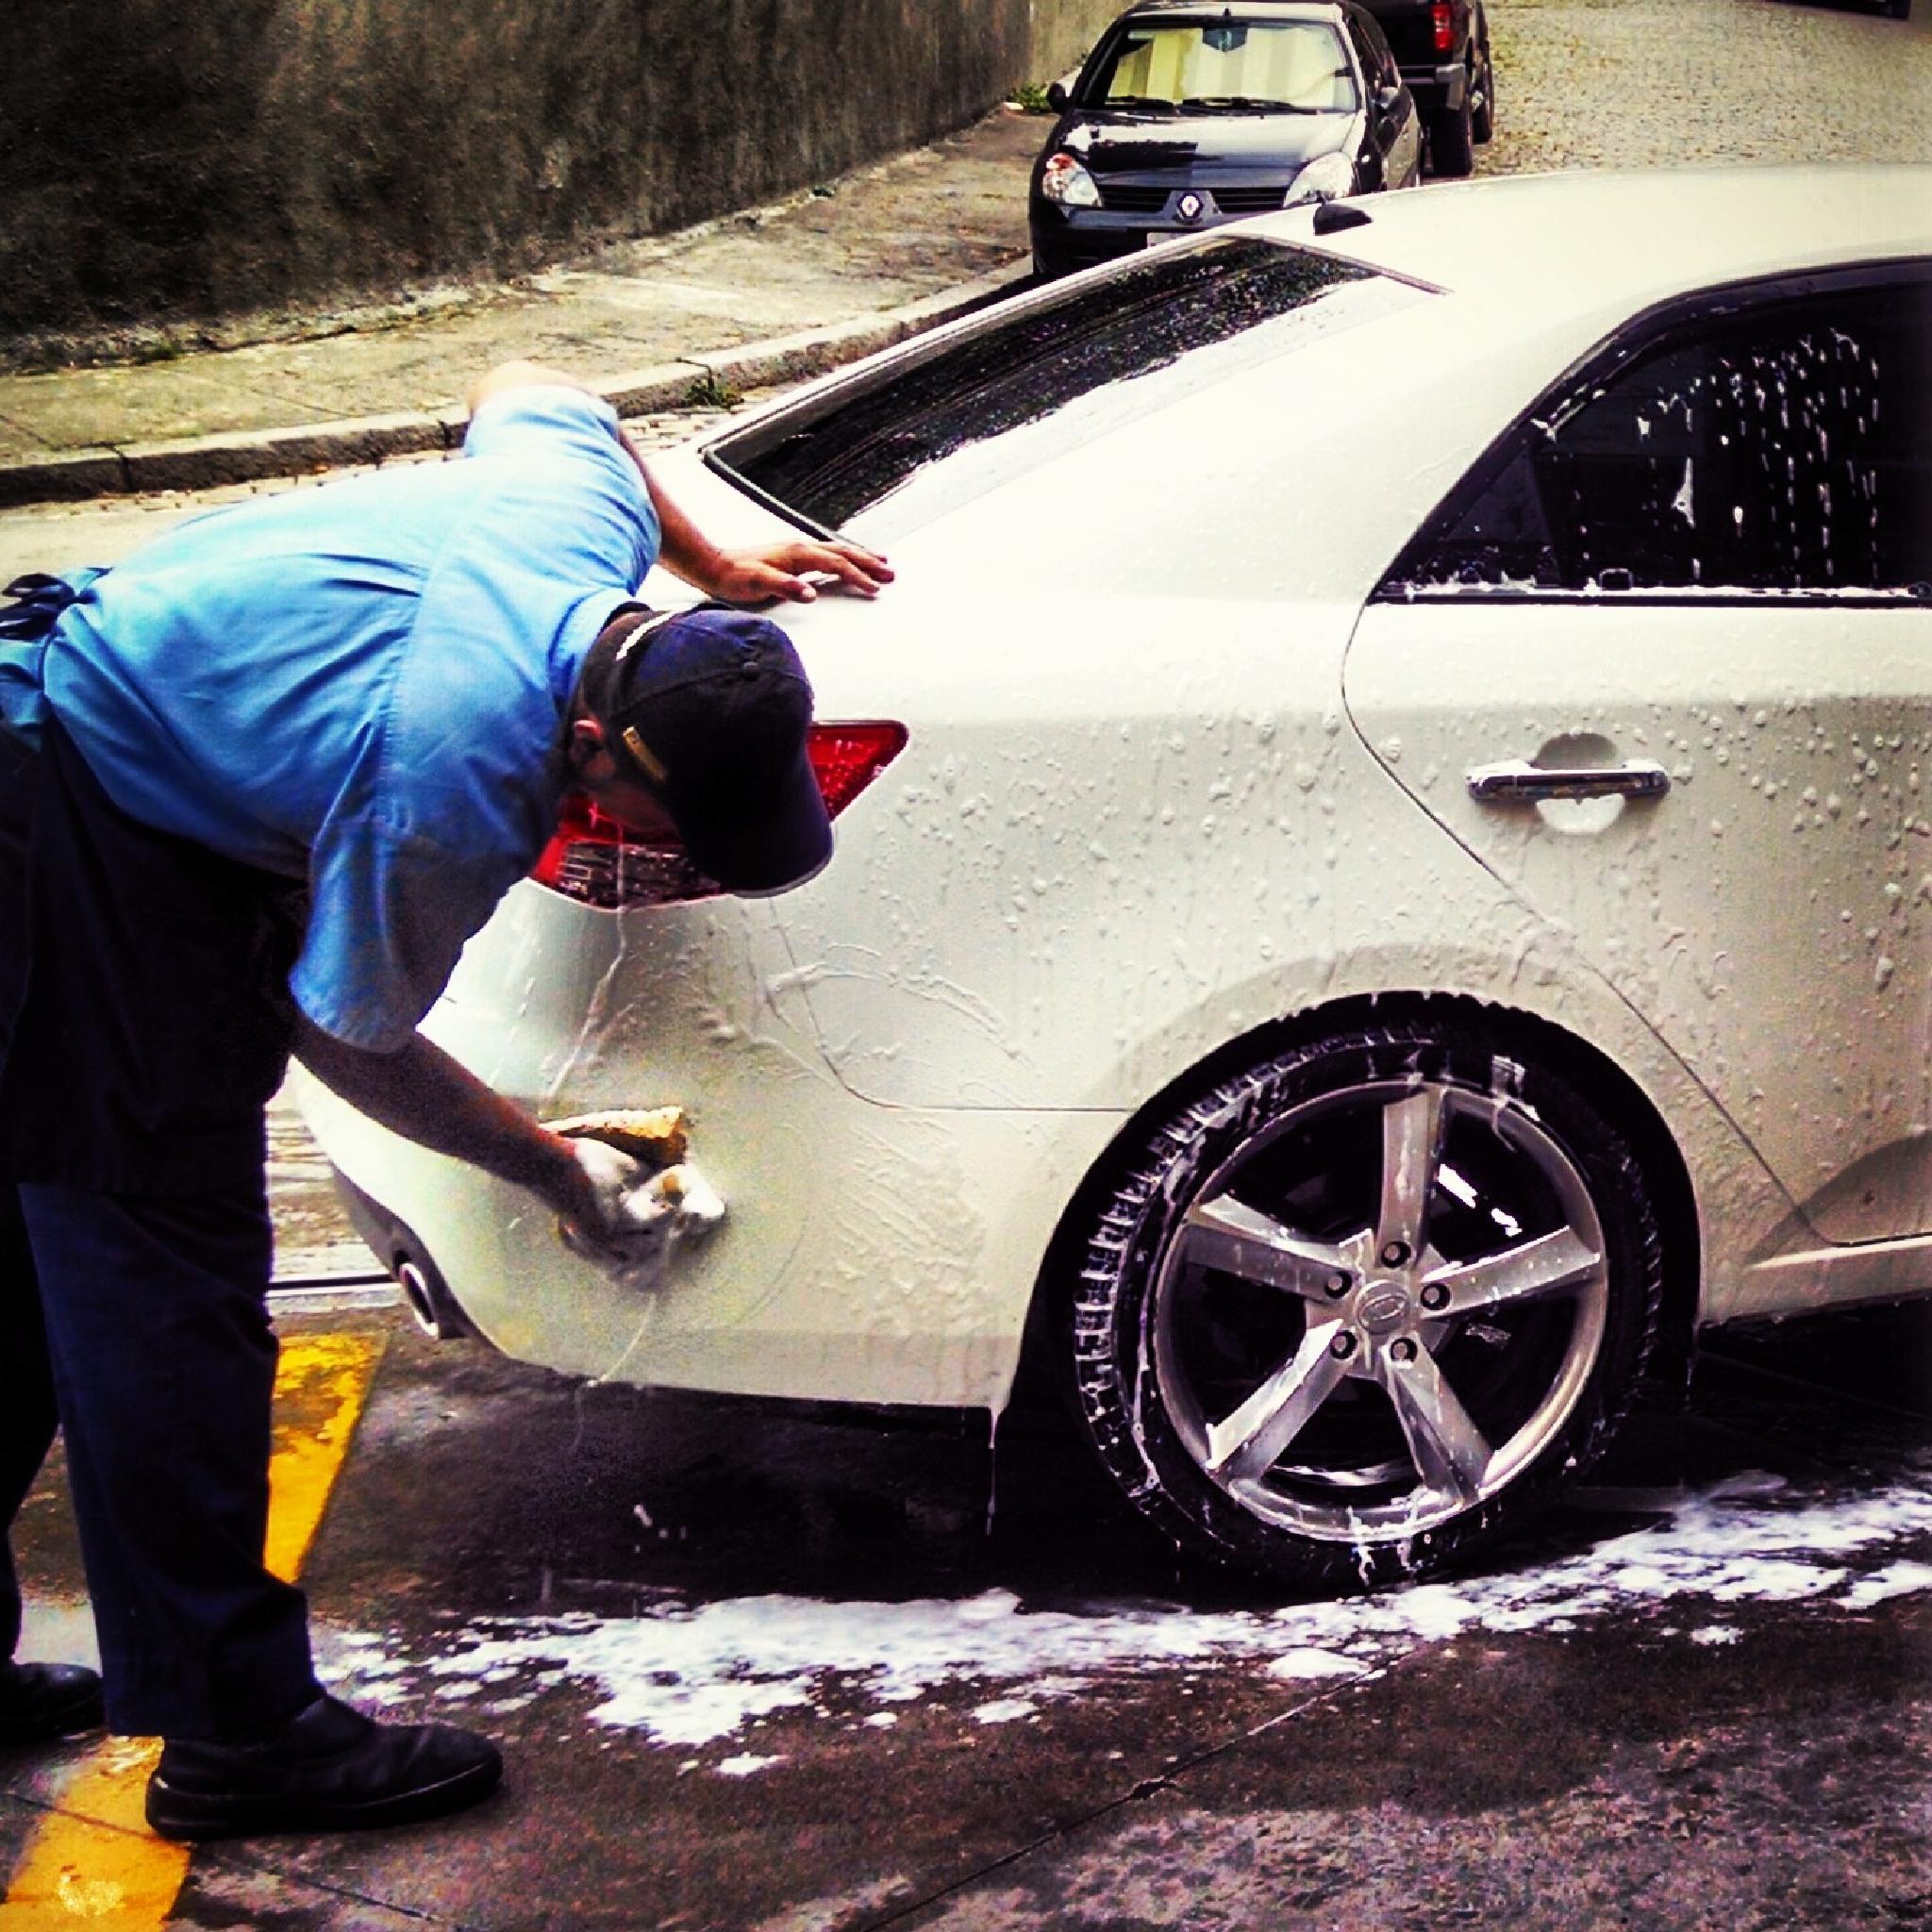 lavando meu carro by extremmer